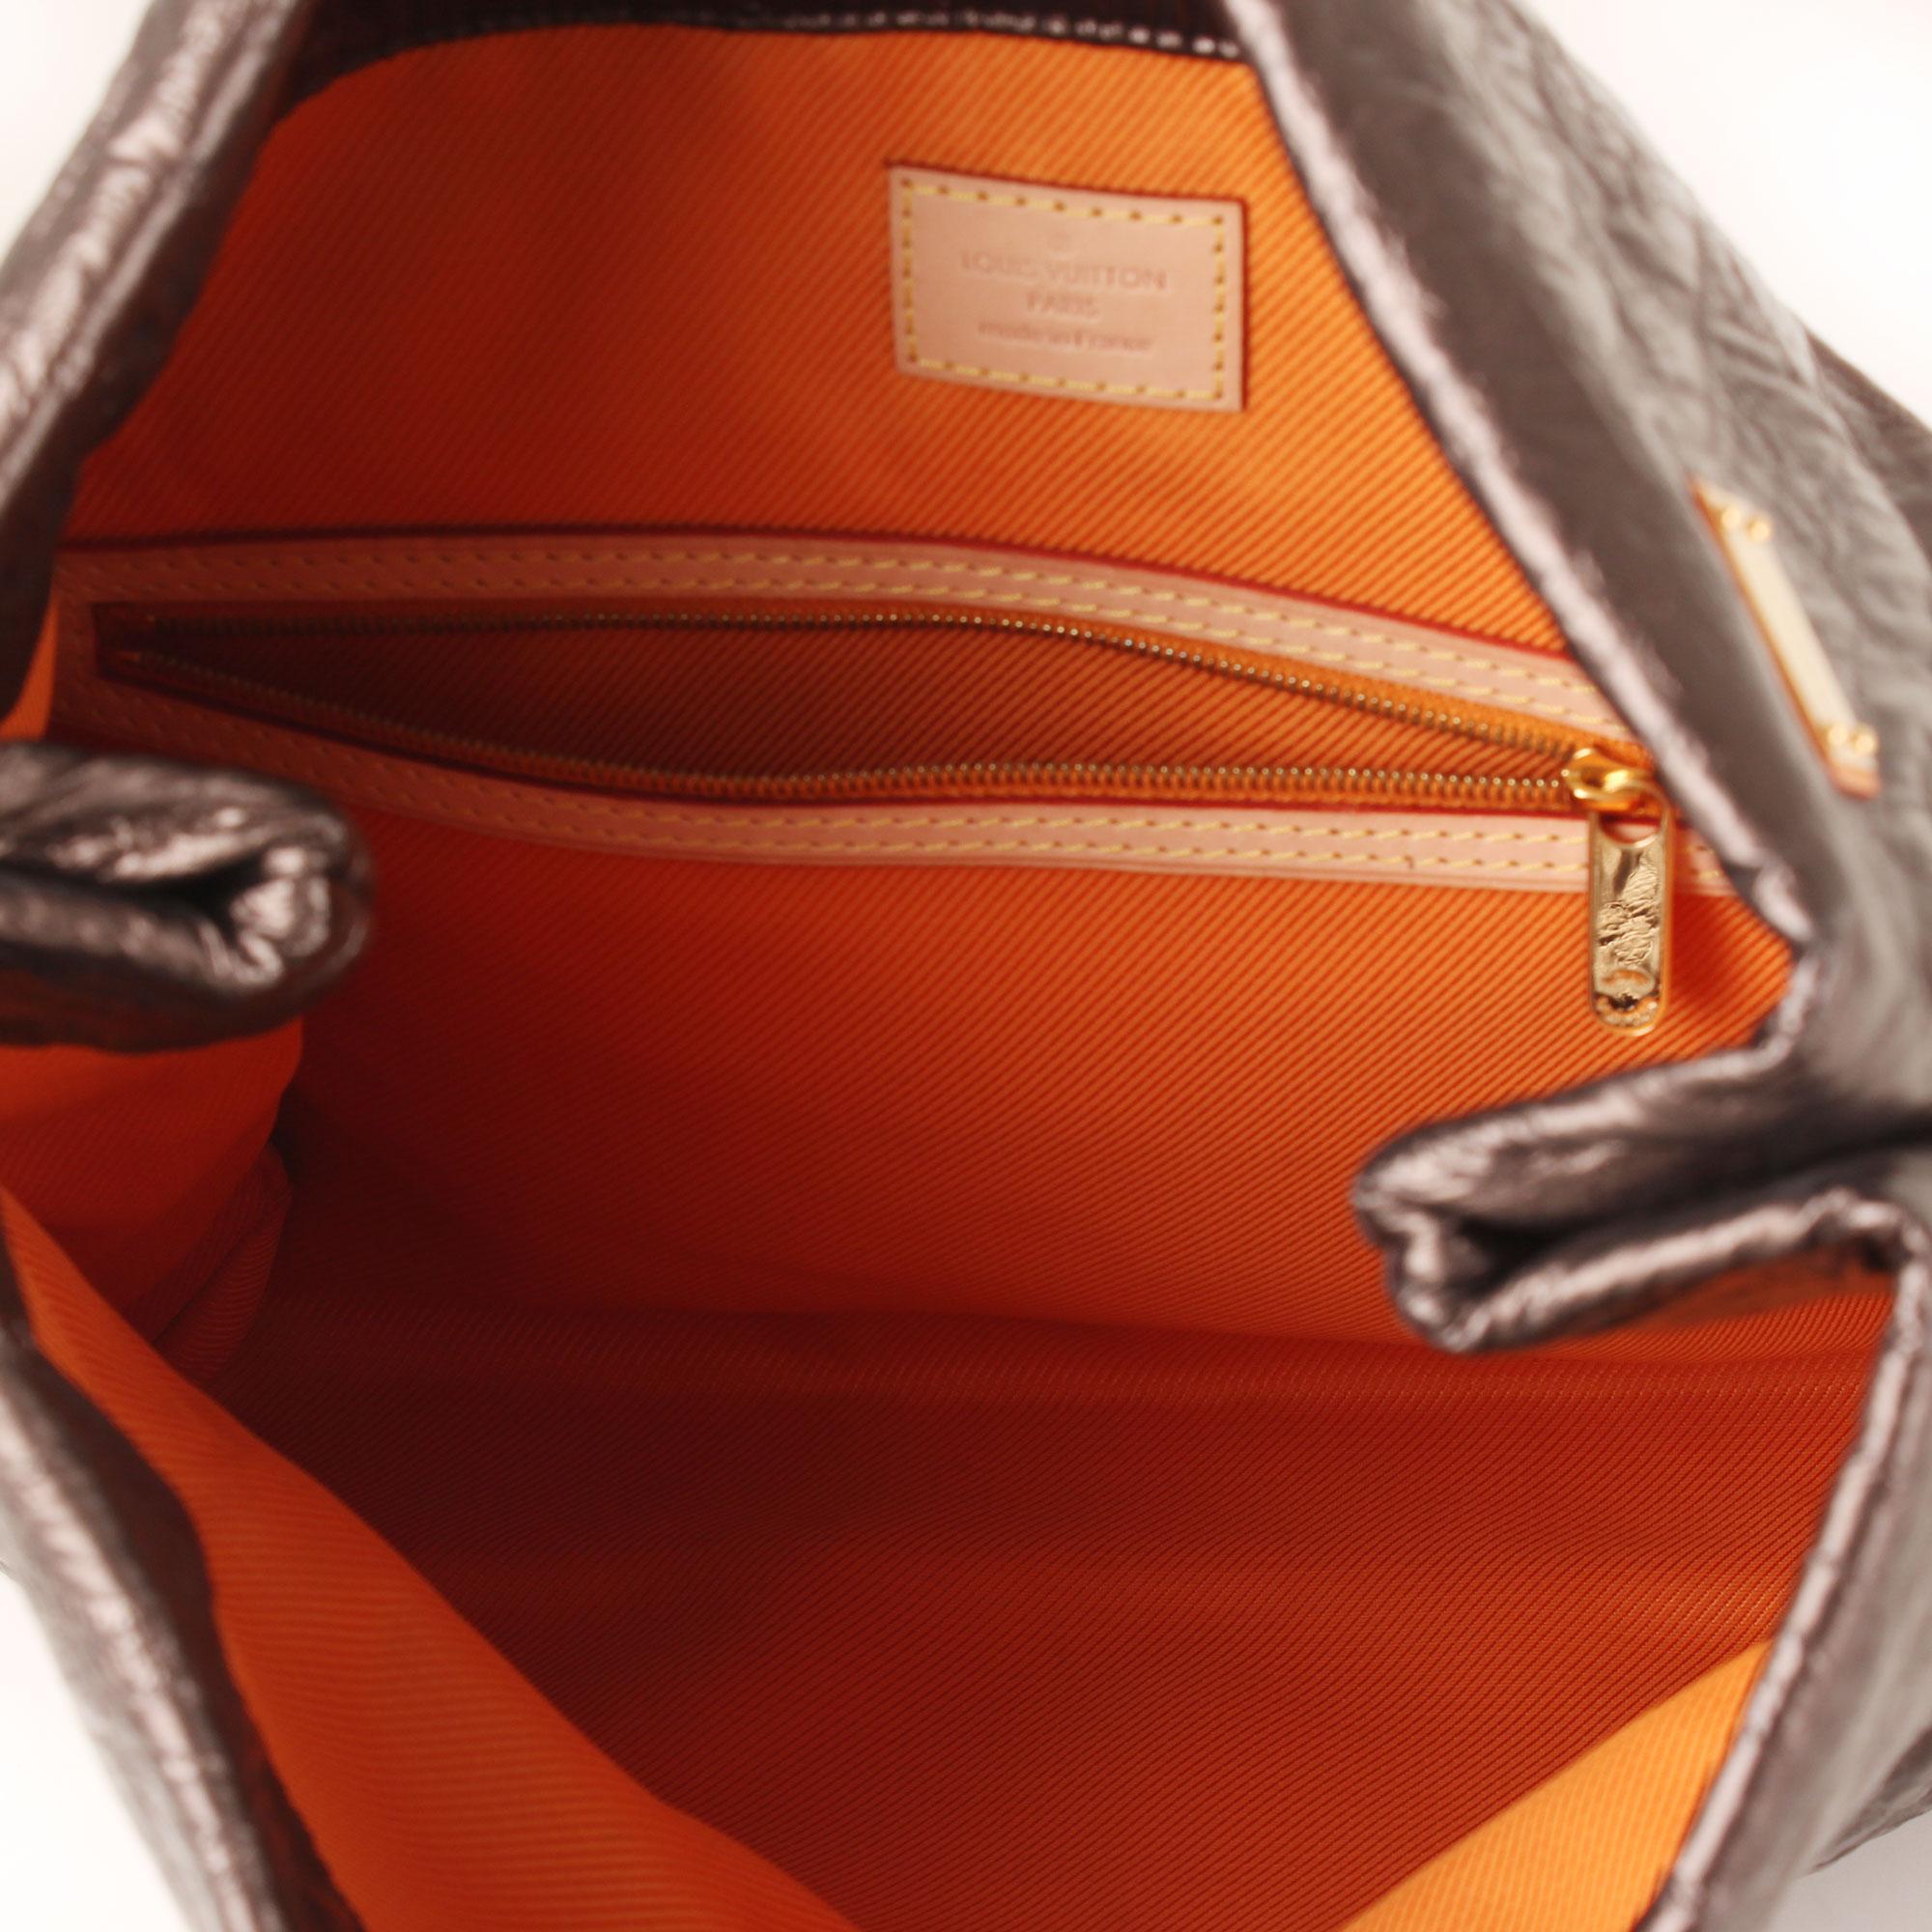 11a35d2d5f0d clutch-louis-vuitton-limelight-gm-negro-metalizado-forro naranja